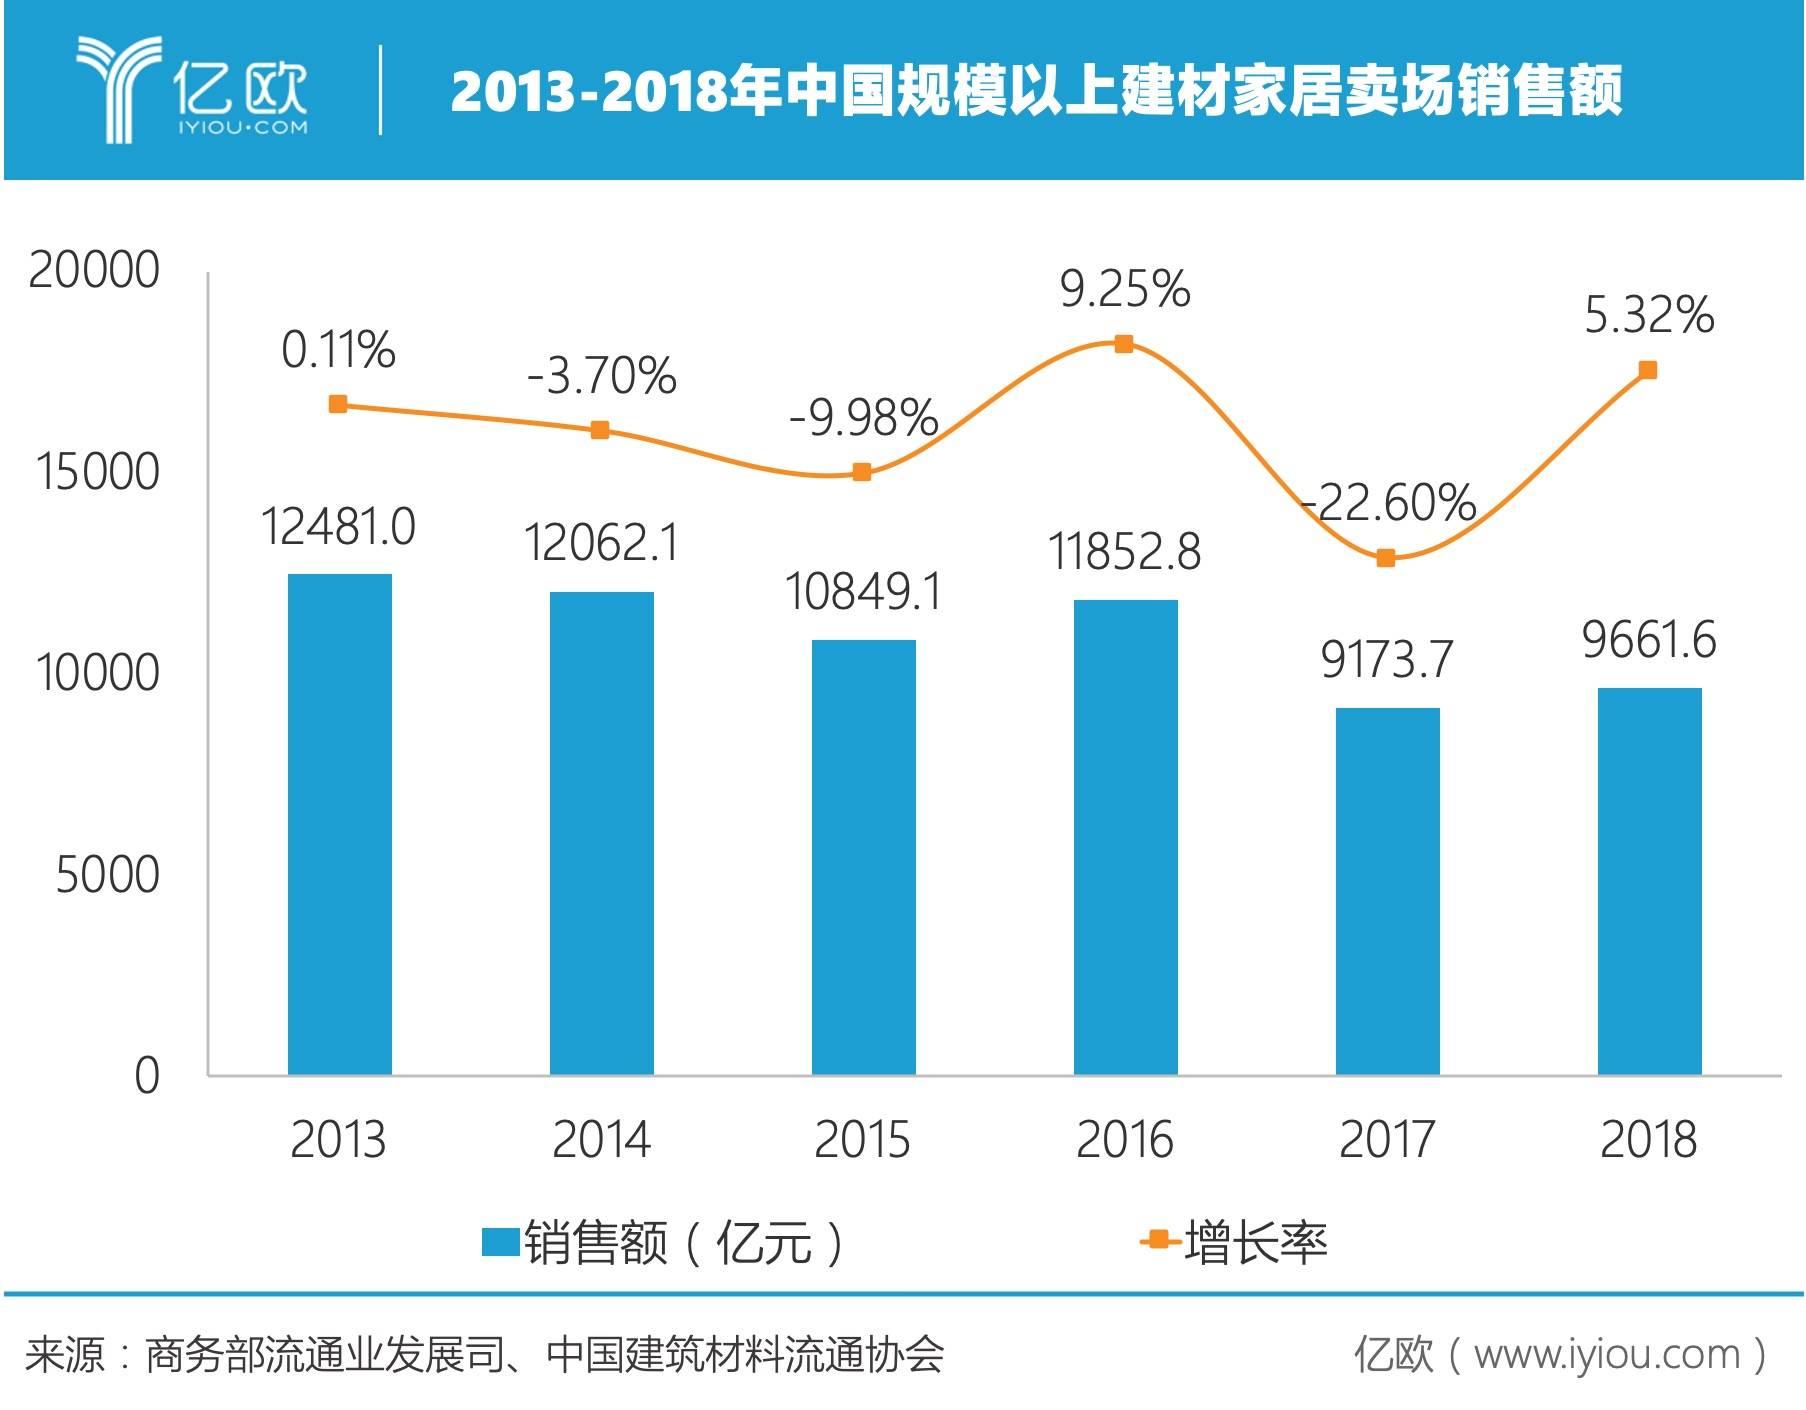 2013-2018中国周围以上建材家居卖场出售额